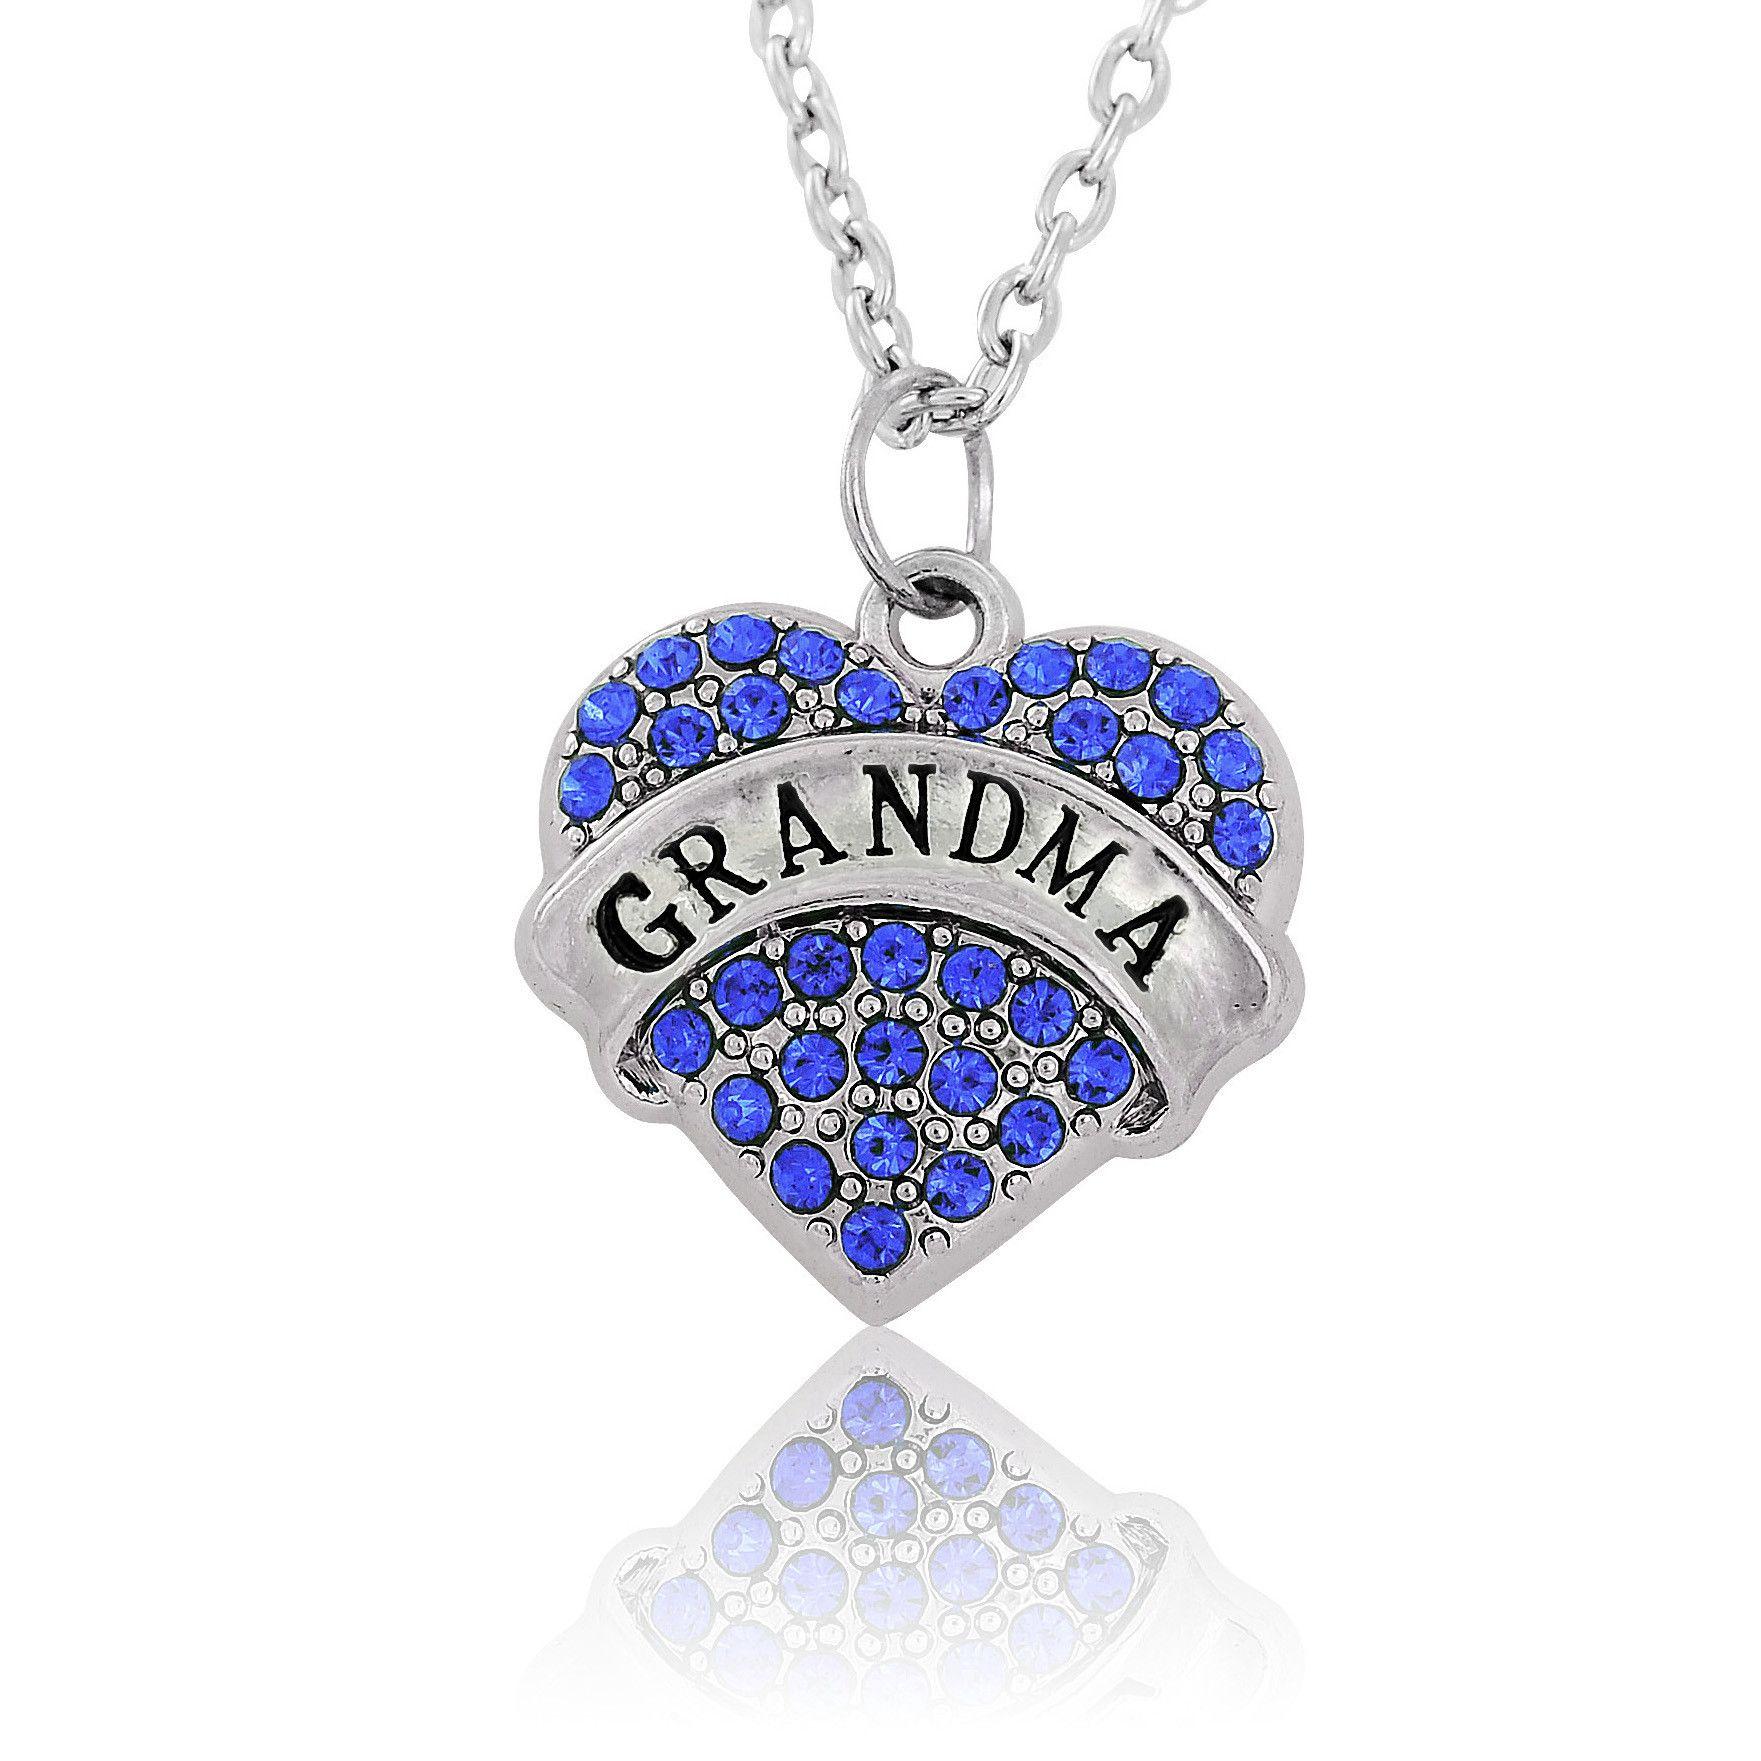 Grandmas love necklace mom necklace necklace love